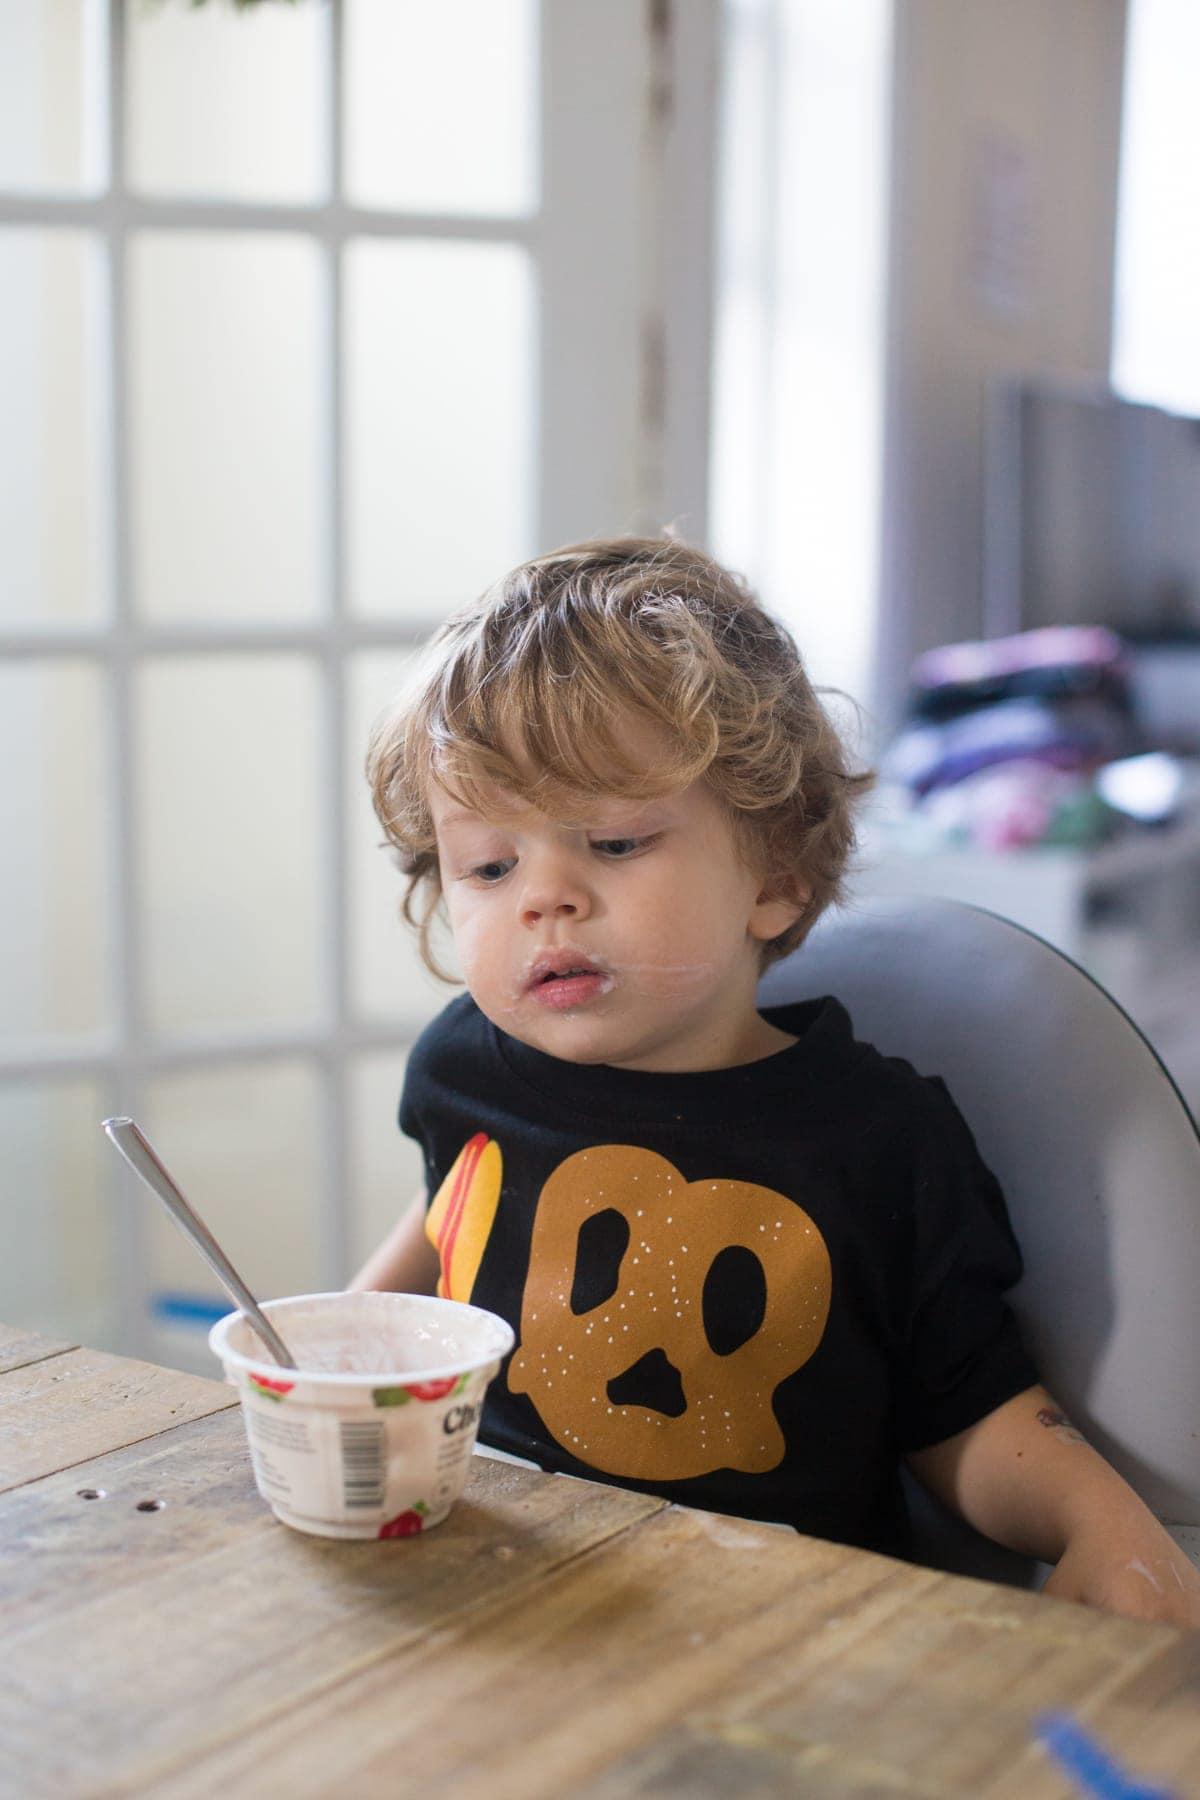 Eddie looking at his yogurt